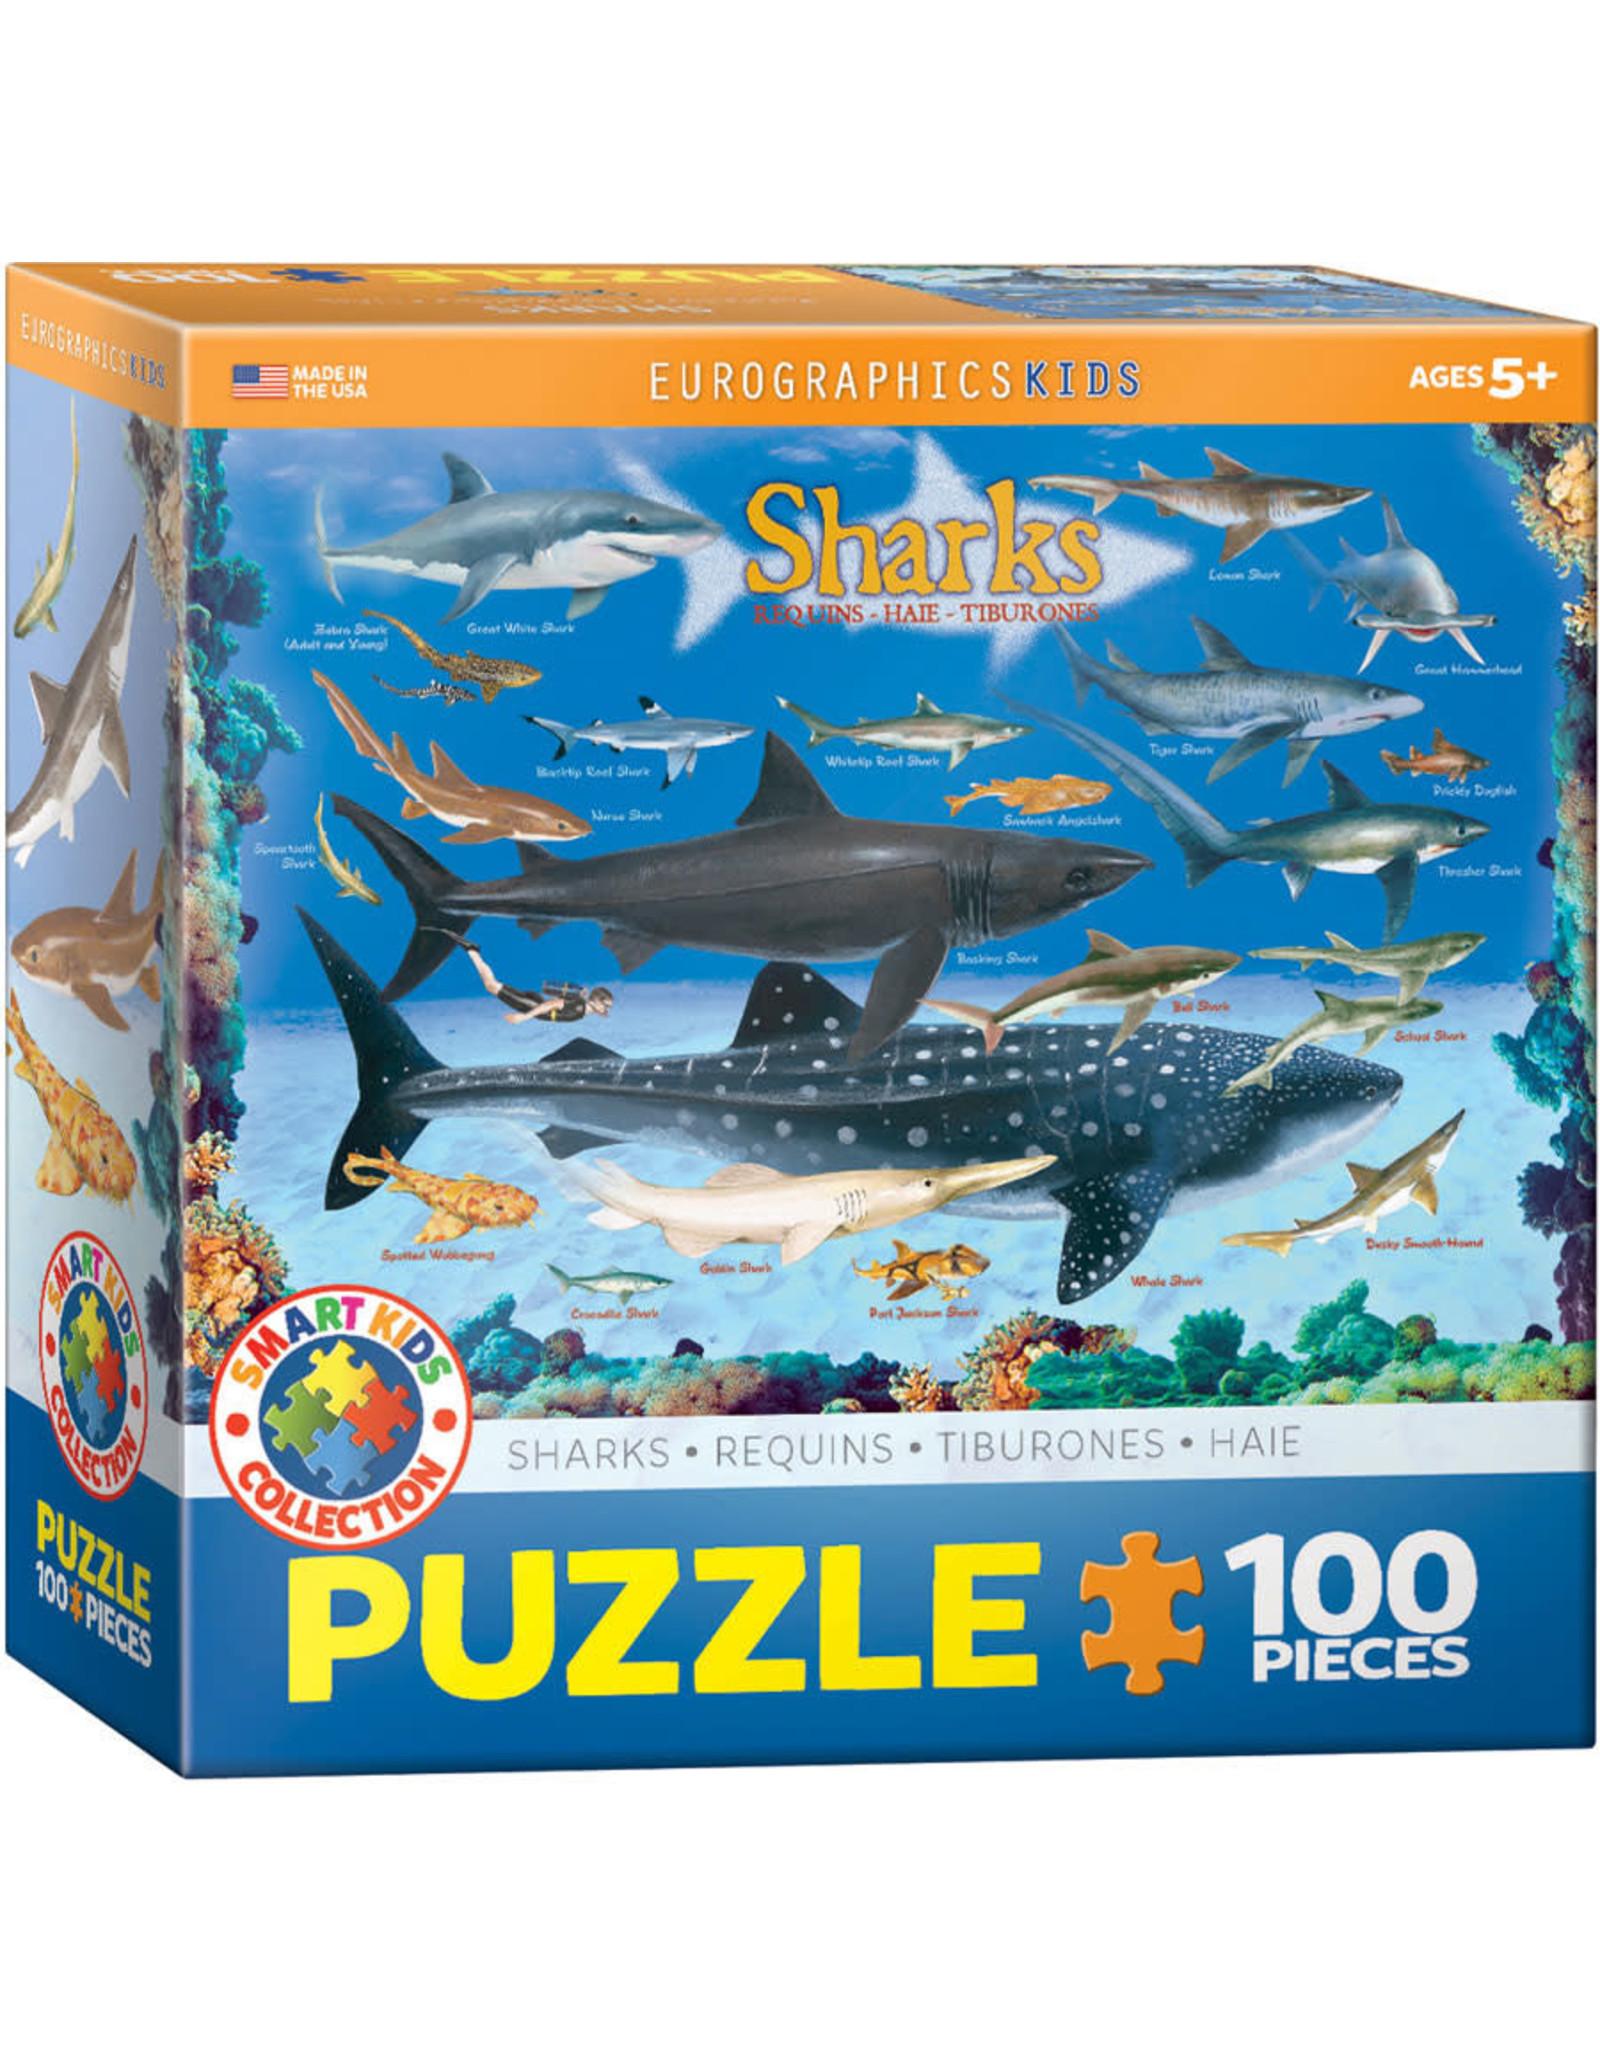 EUROGRAPHICS Sharks